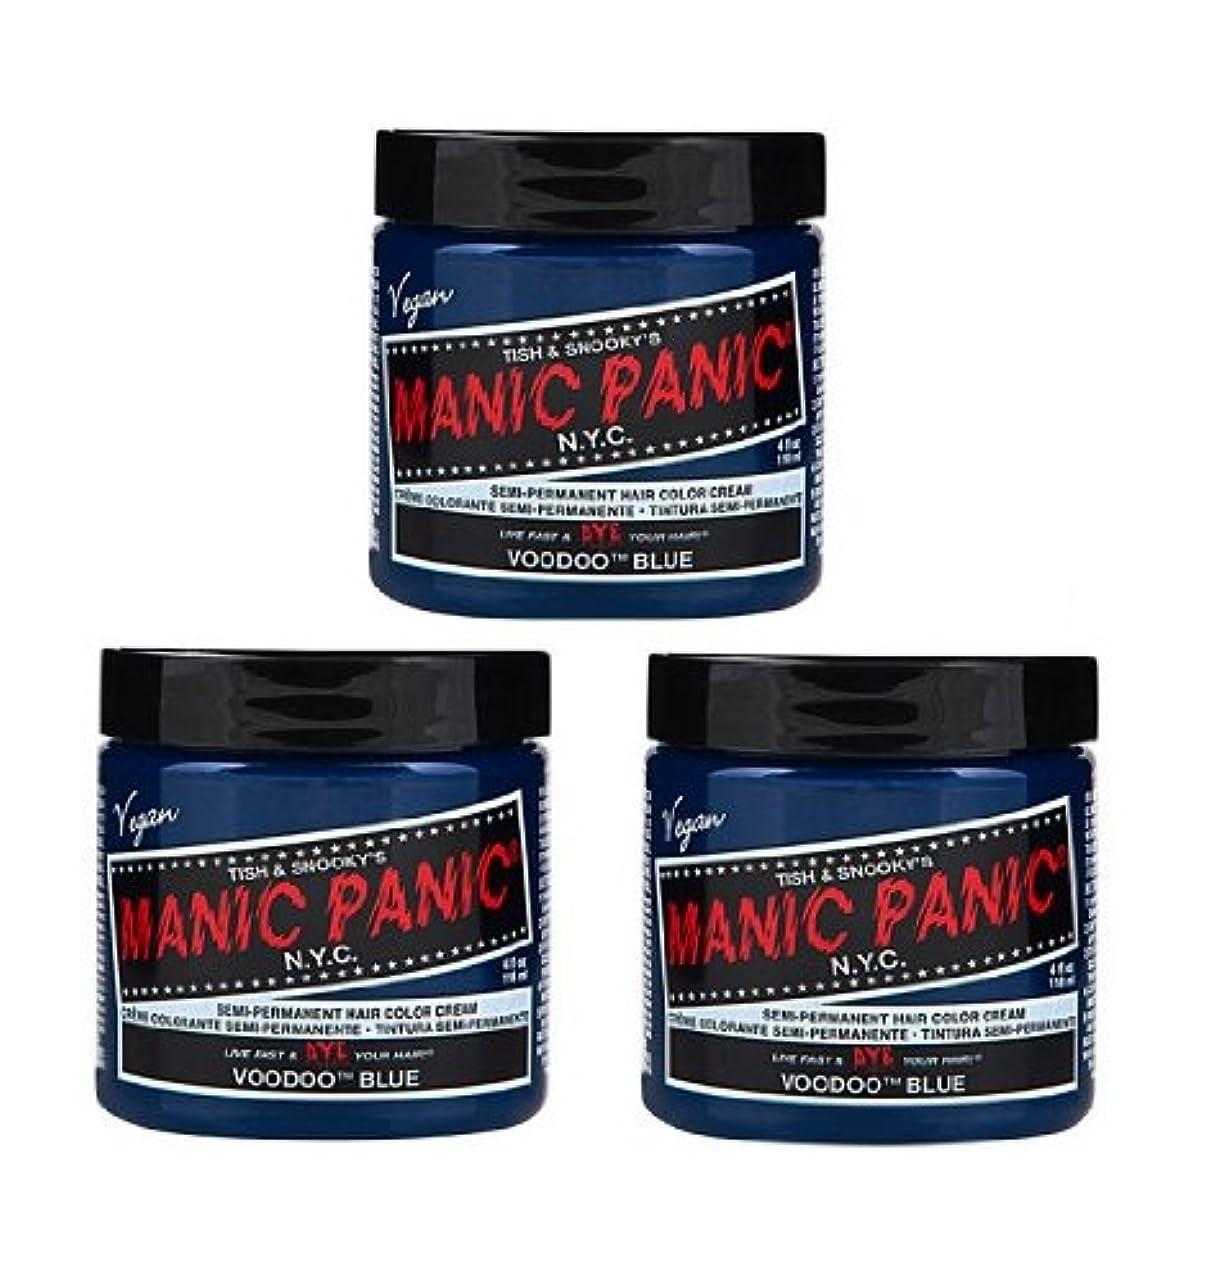 満州繰り返す地獄【3個セット】MANIC PANIC マニックパニック Voodoo Blue ブードゥーブルー 118ml